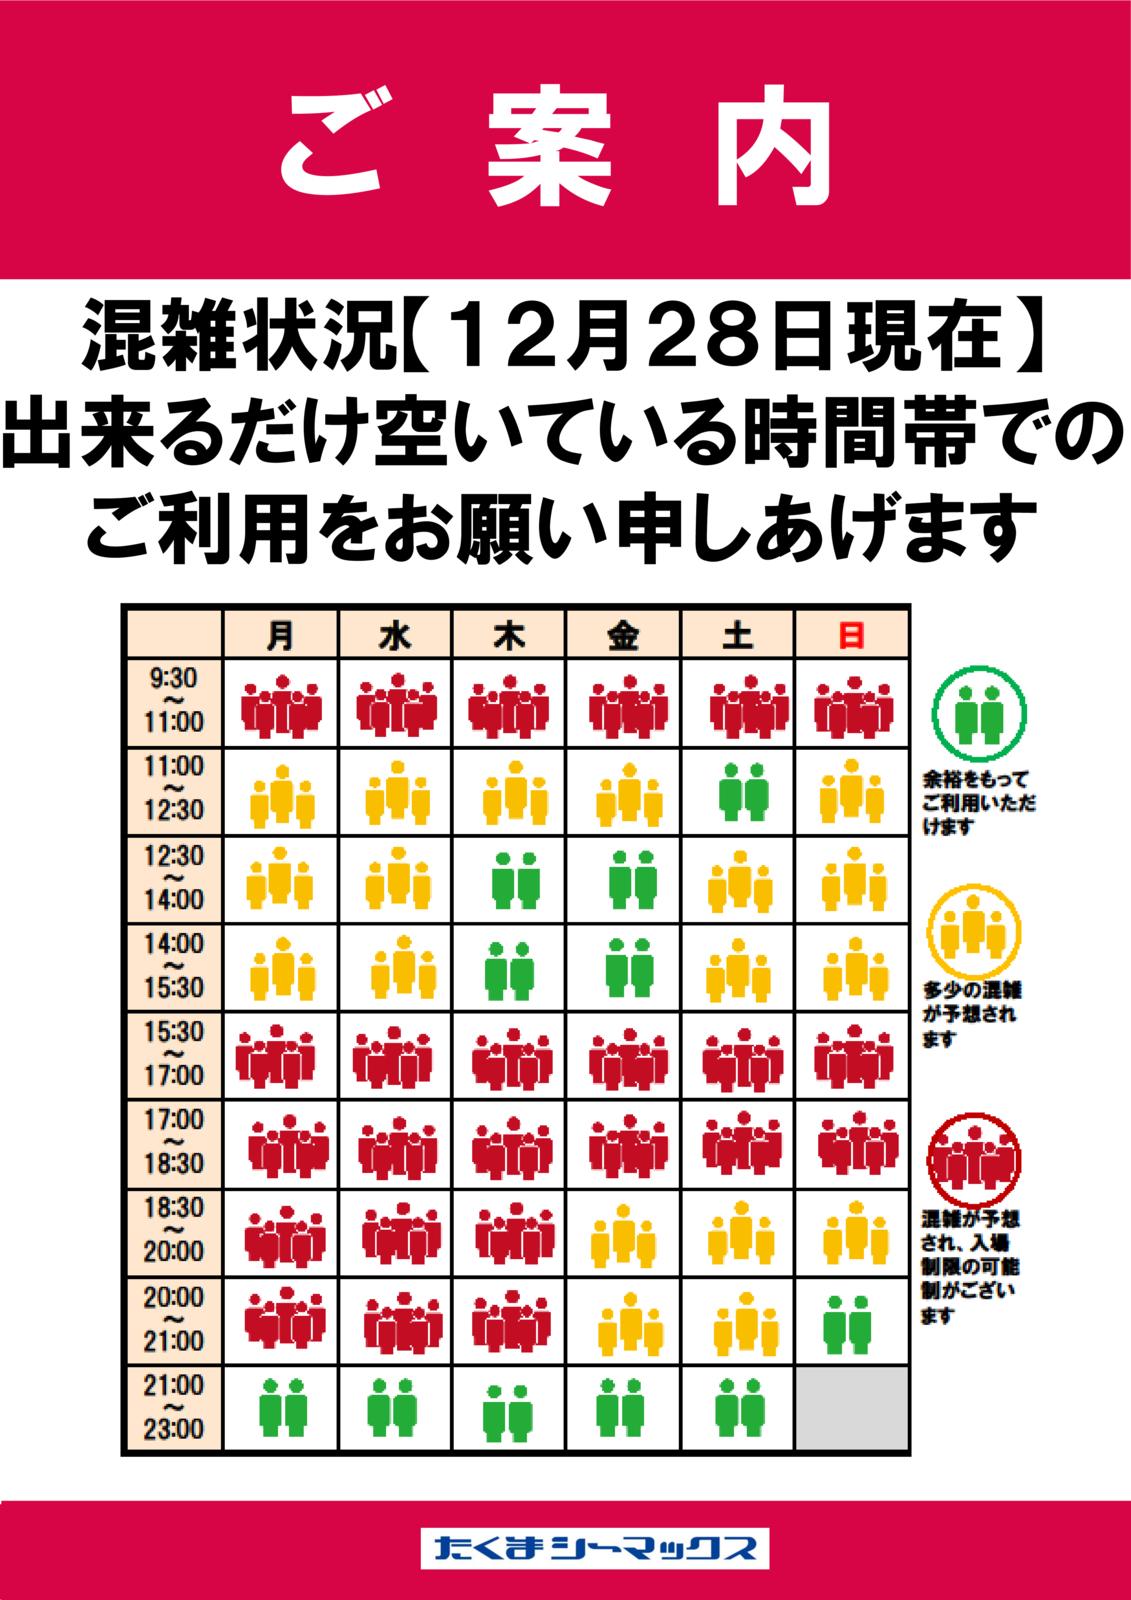 【1228】混雑状況のサムネイル